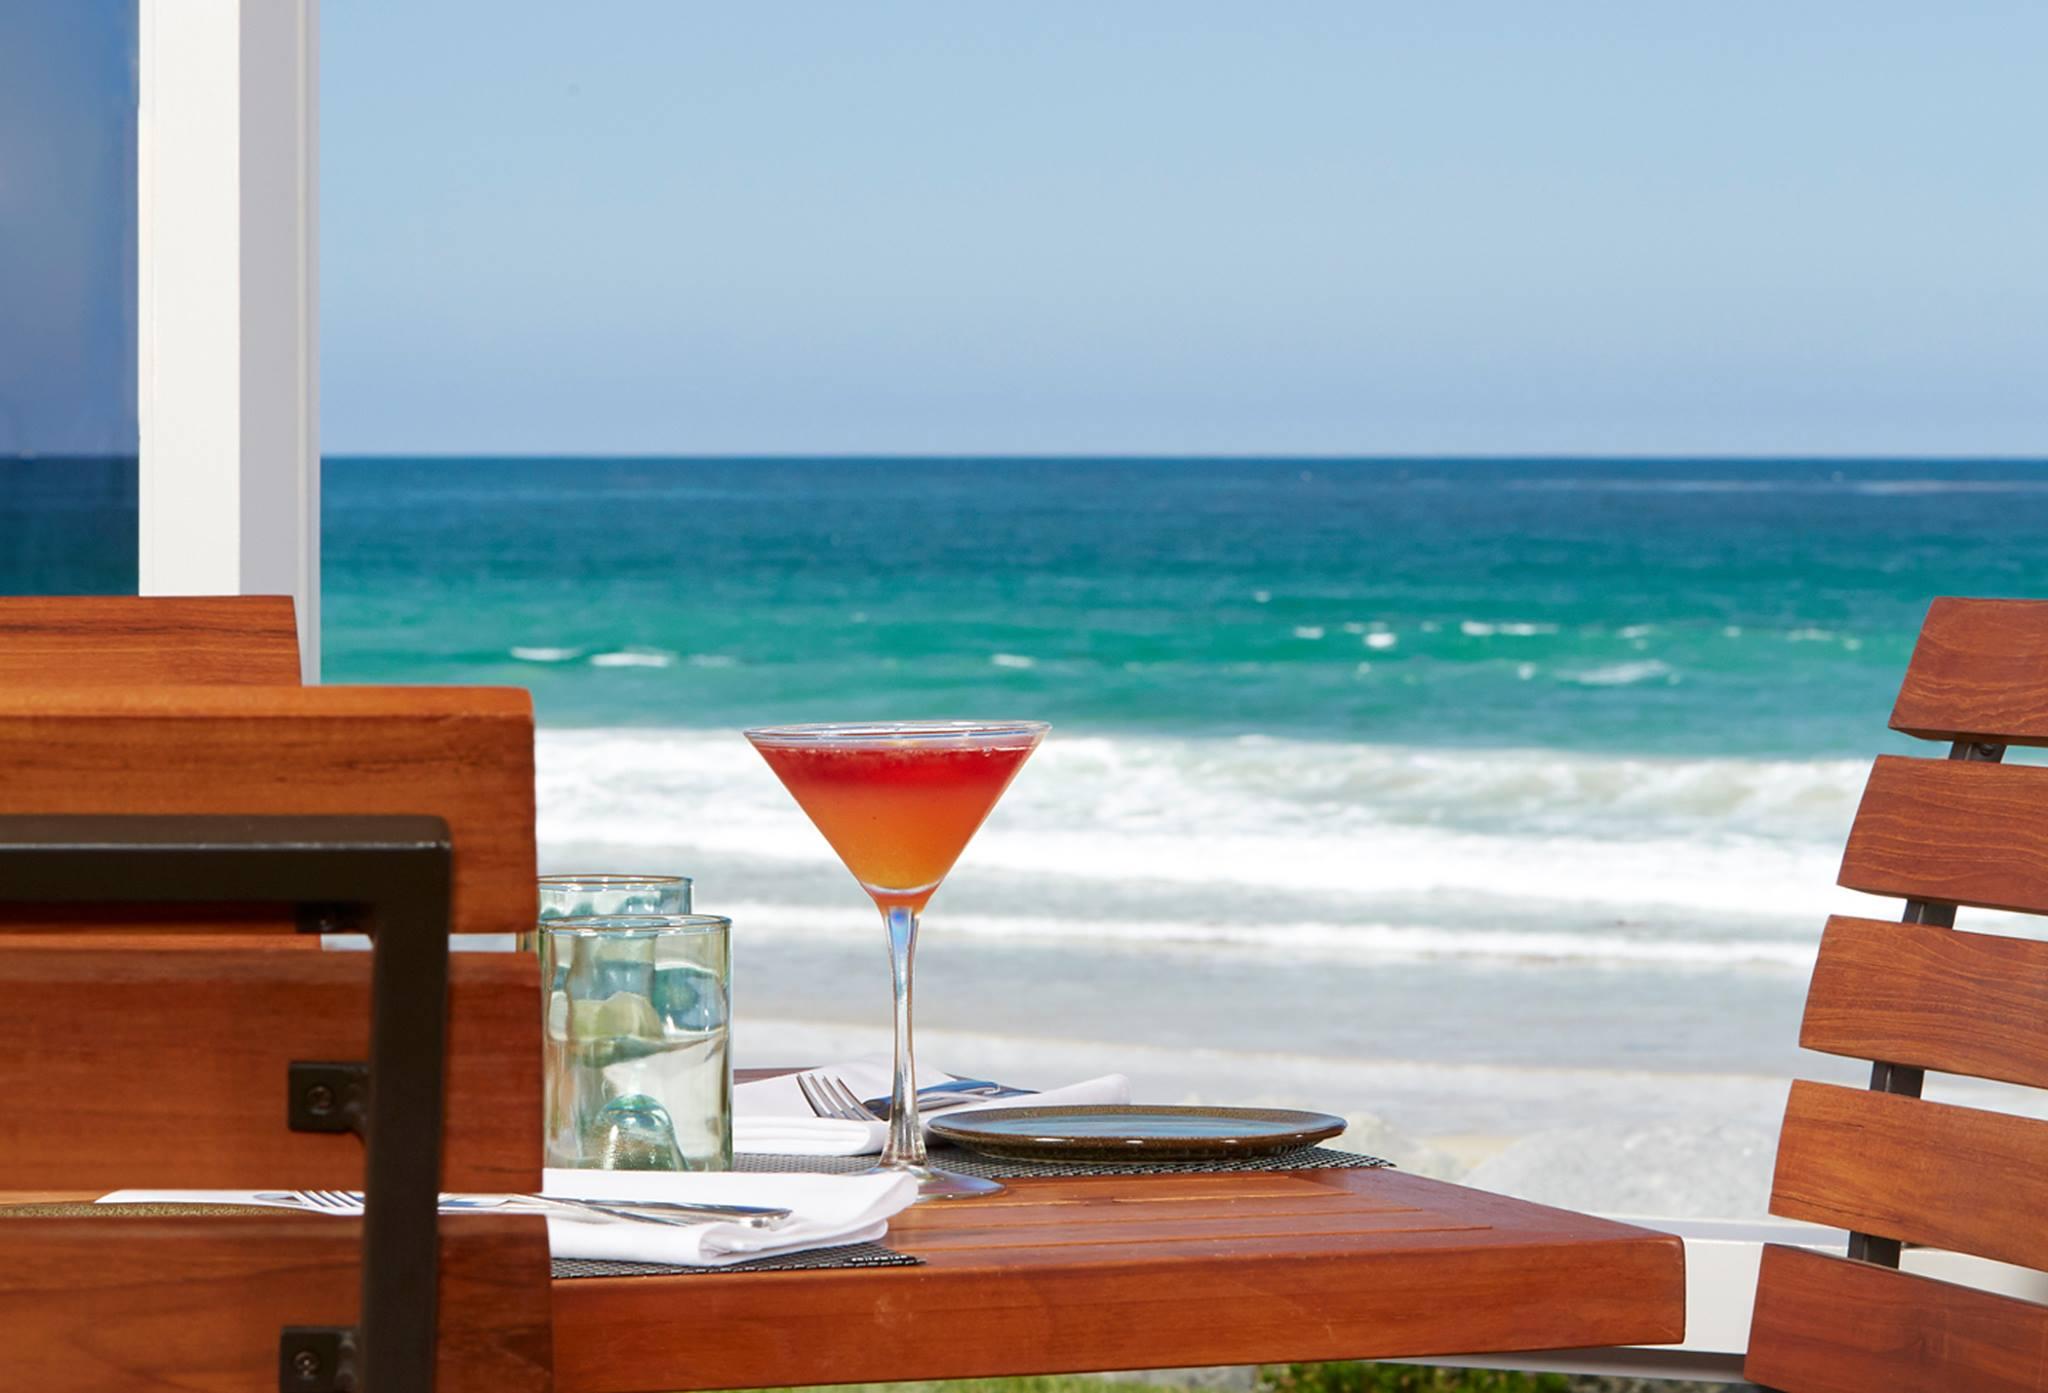 以海洋为背景的饮料